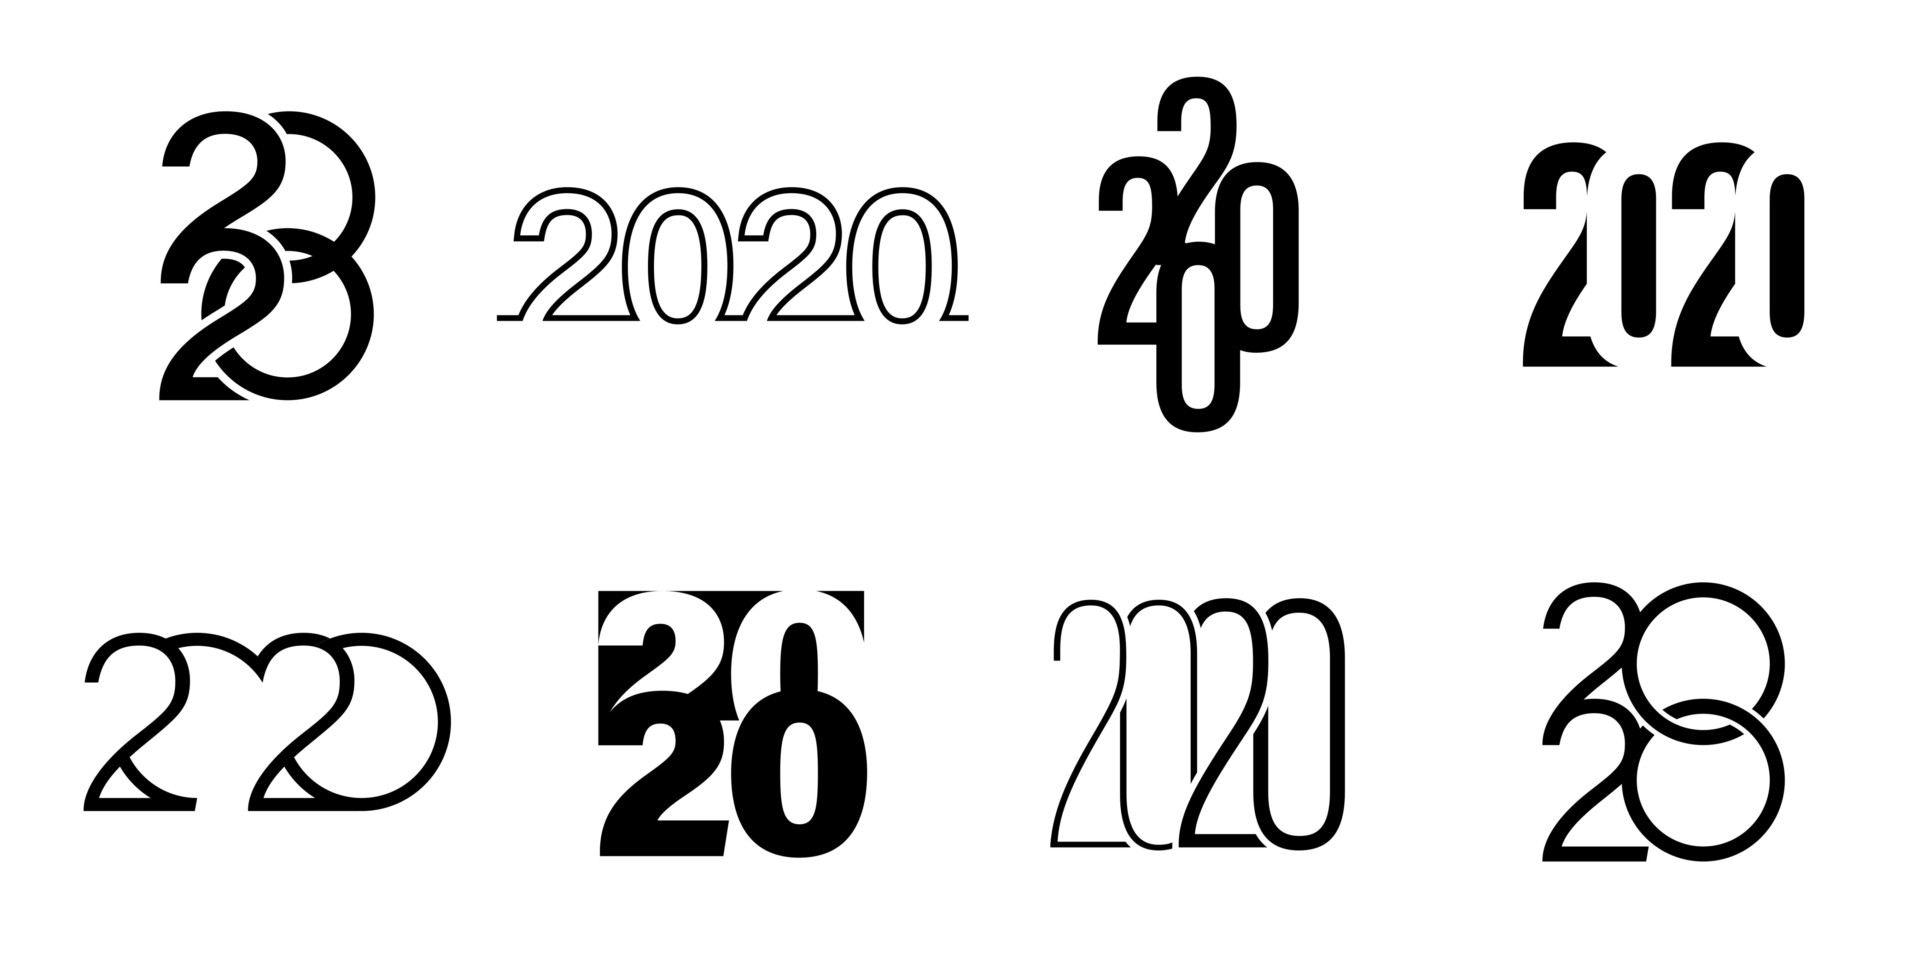 Zoom-back sur 2020 : une année pleine d'imprévus pour hop3team !